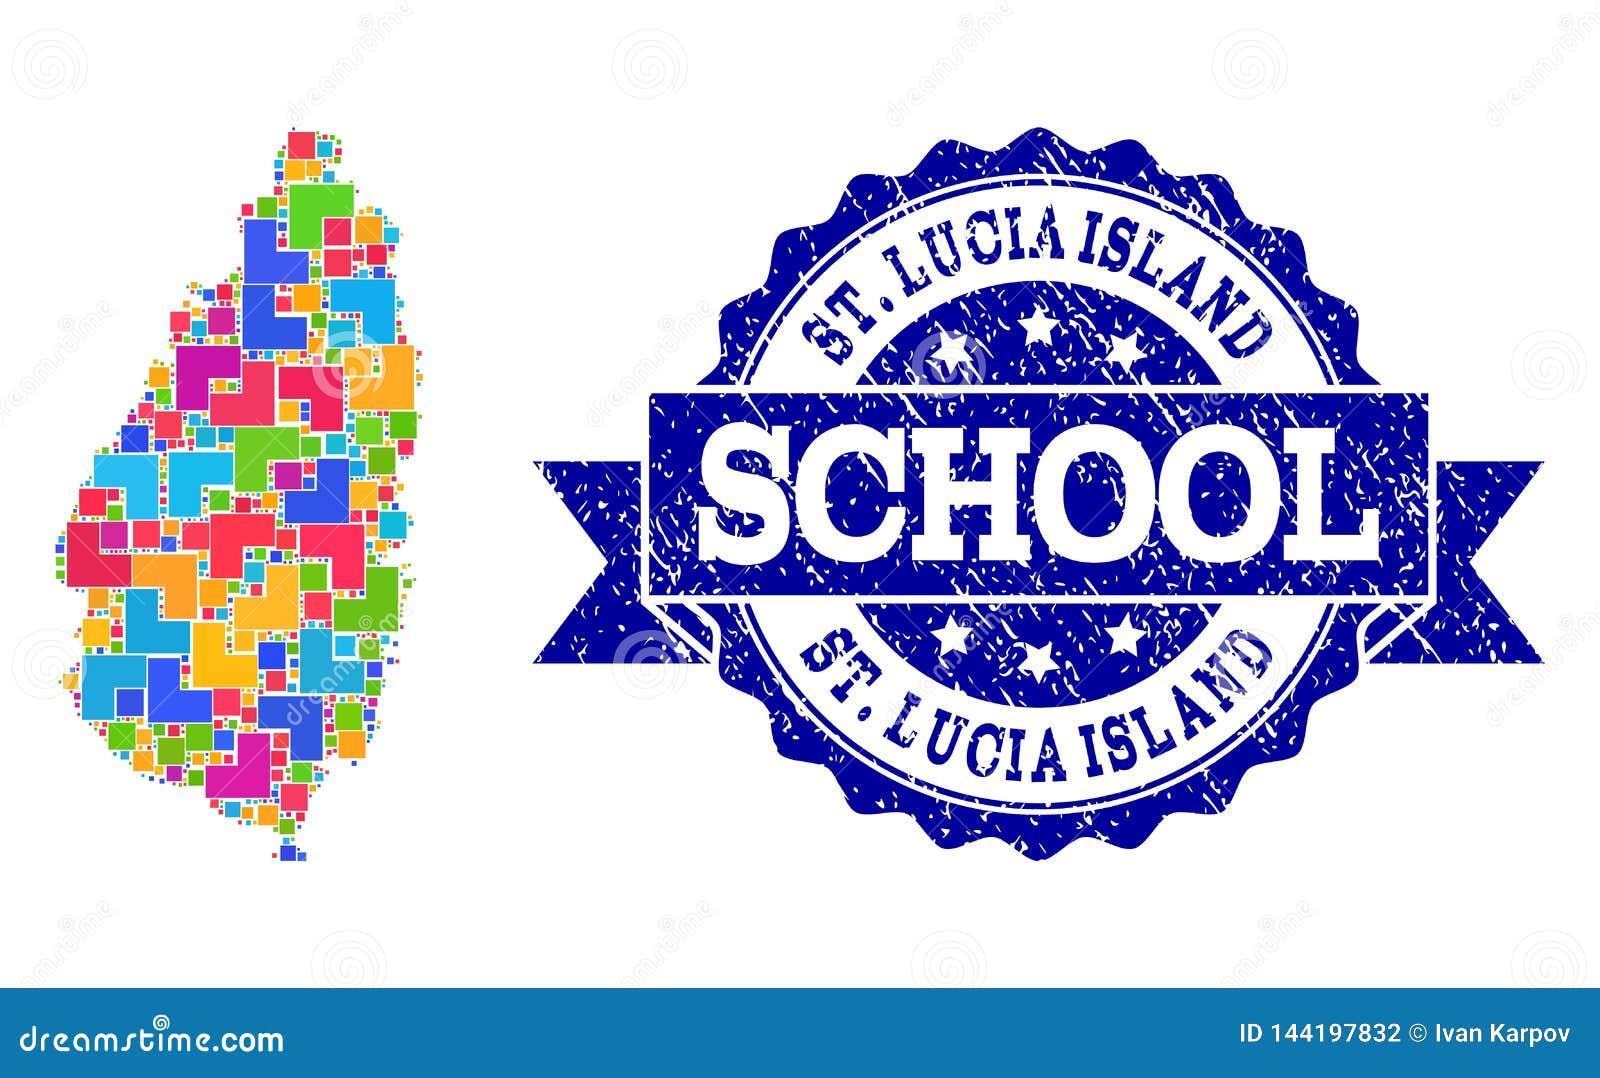 Mosaik-Karte des Heiligen Lucia Island und der strukturierten Schulstempel-Zusammensetzung